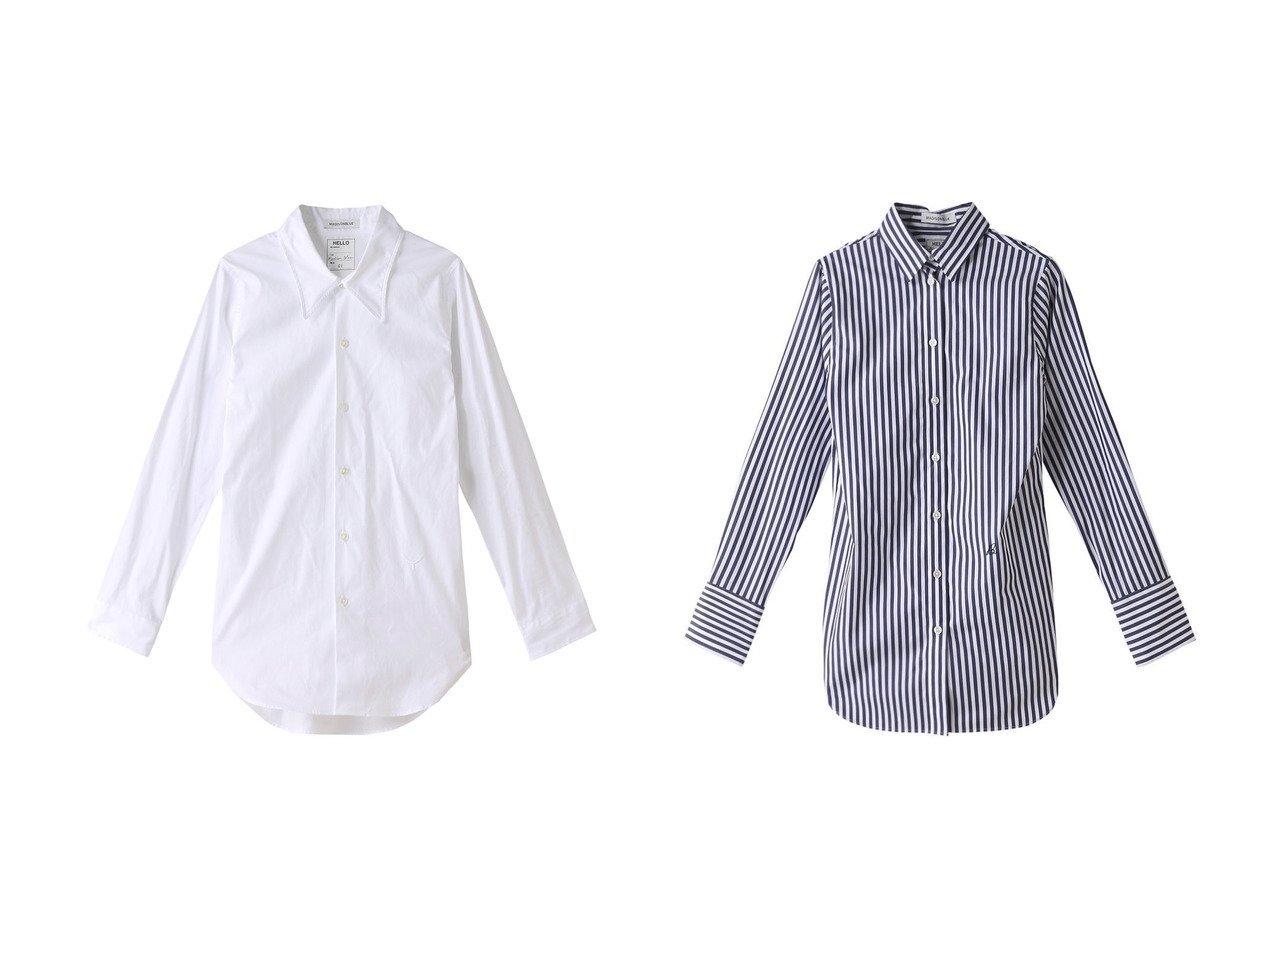 【MADISONBLUE/マディソンブルー】のMADAME コットンストライプシャツ&MADAME コットンローカラーシャツ MADISONBLUEのおすすめ!人気、トレンド・レディースファッションの通販 おすすめで人気の流行・トレンド、ファッションの通販商品 メンズファッション・キッズファッション・インテリア・家具・レディースファッション・服の通販 founy(ファニー) https://founy.com/ ファッション Fashion レディースファッション WOMEN トップス Tops Tshirt シャツ/ブラウス Shirts Blouses 2021年 2021 2021 春夏 S/S SS Spring/Summer 2021 S/S 春夏 SS Spring/Summer カフス ストライプ スリーブ ロング 春 Spring |ID:crp329100000016895